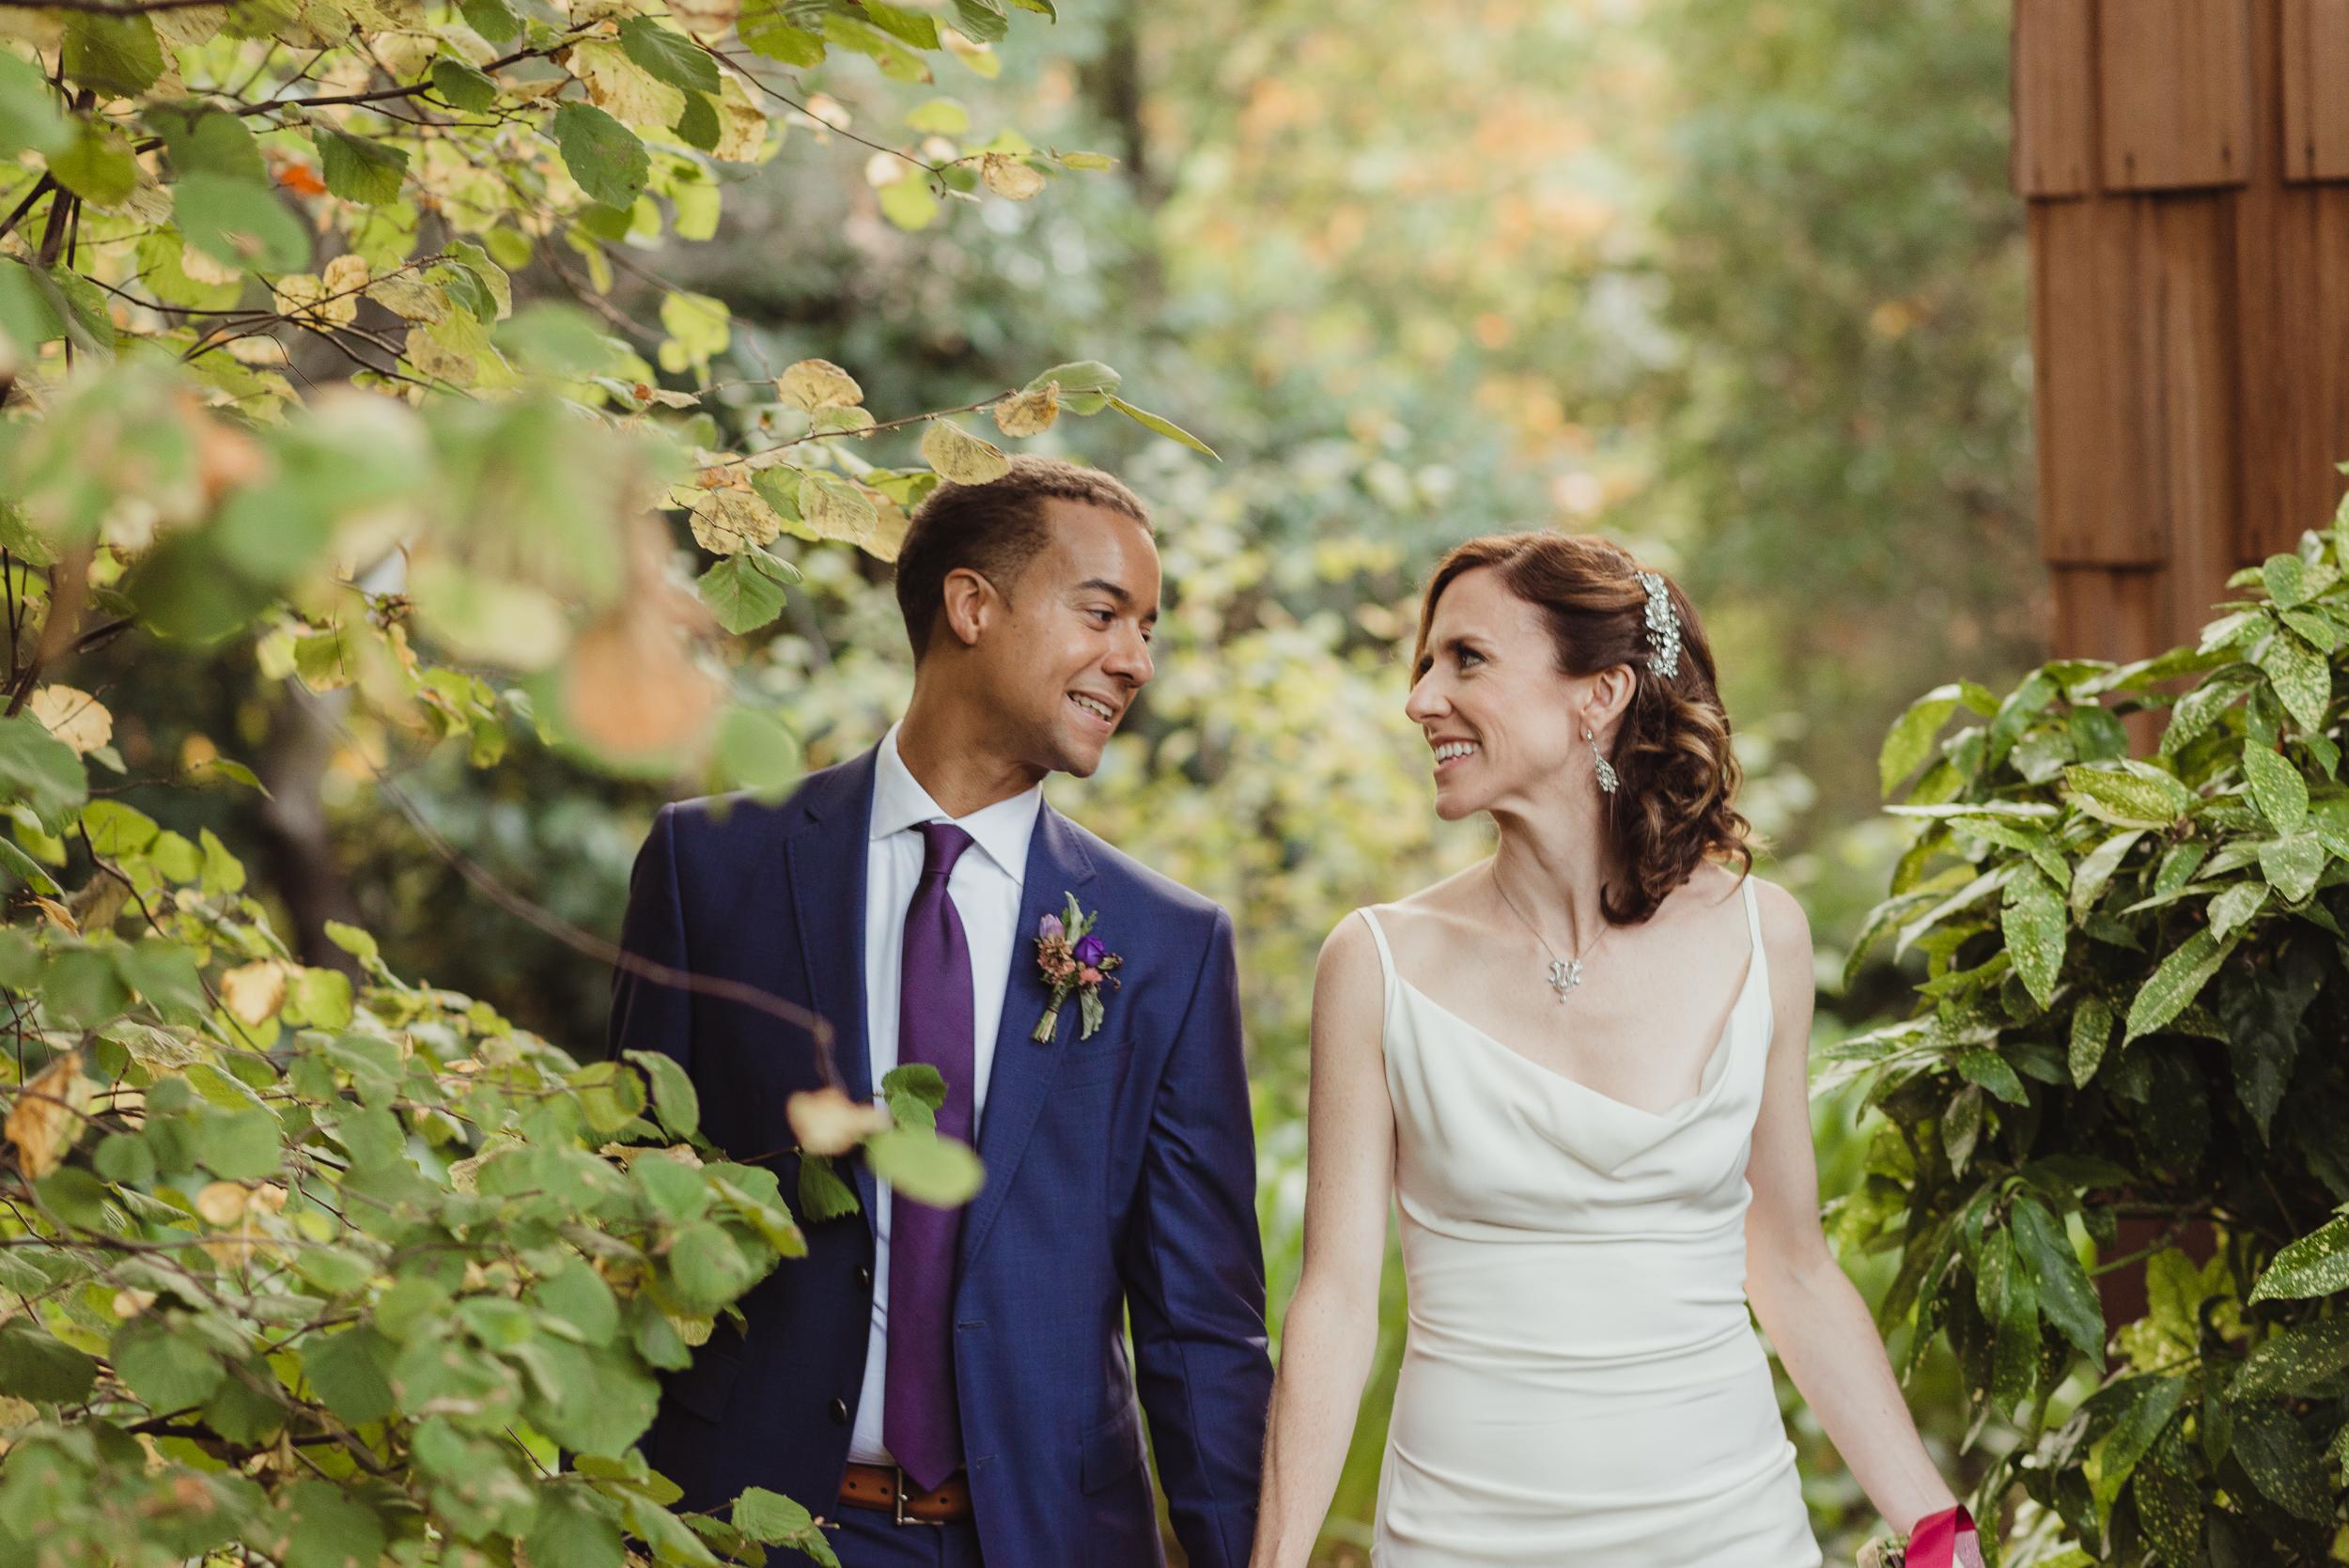 42-outdoor-art-club-wedding-vivianchen-445.jpg